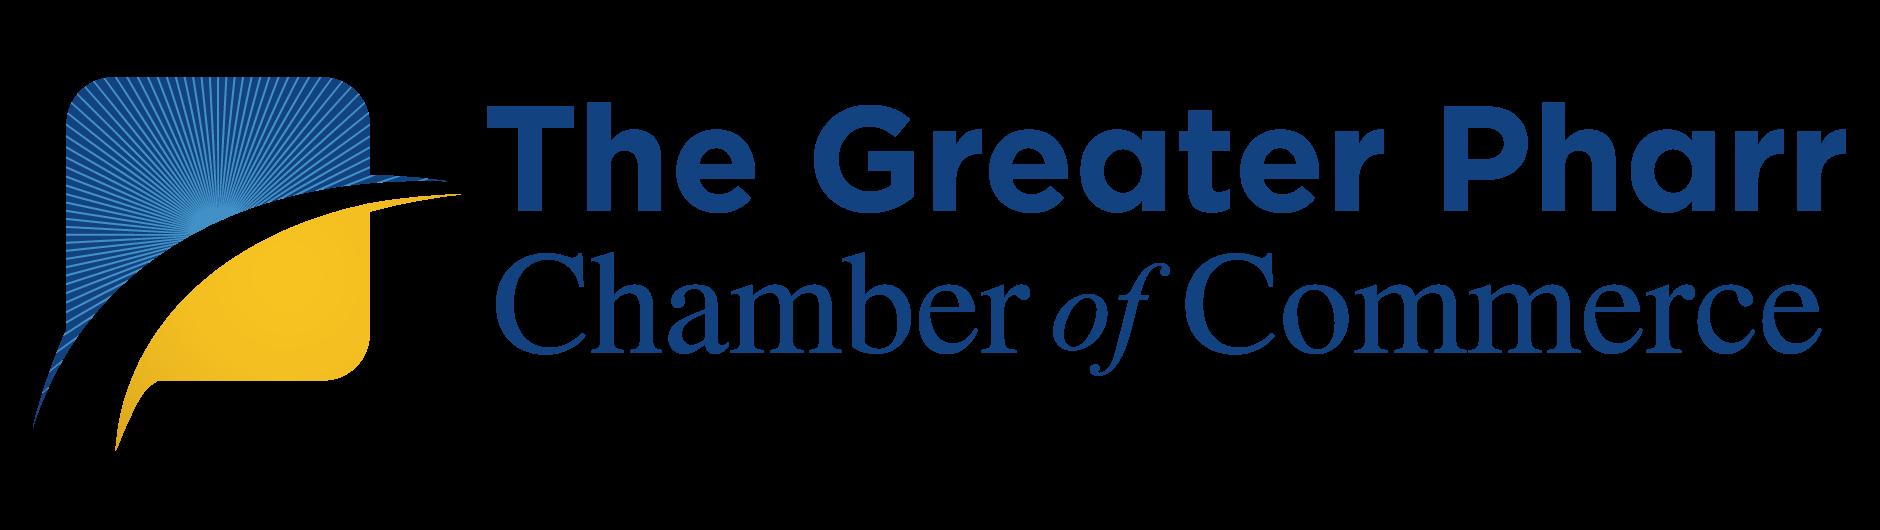 Greater Pharr Chamber